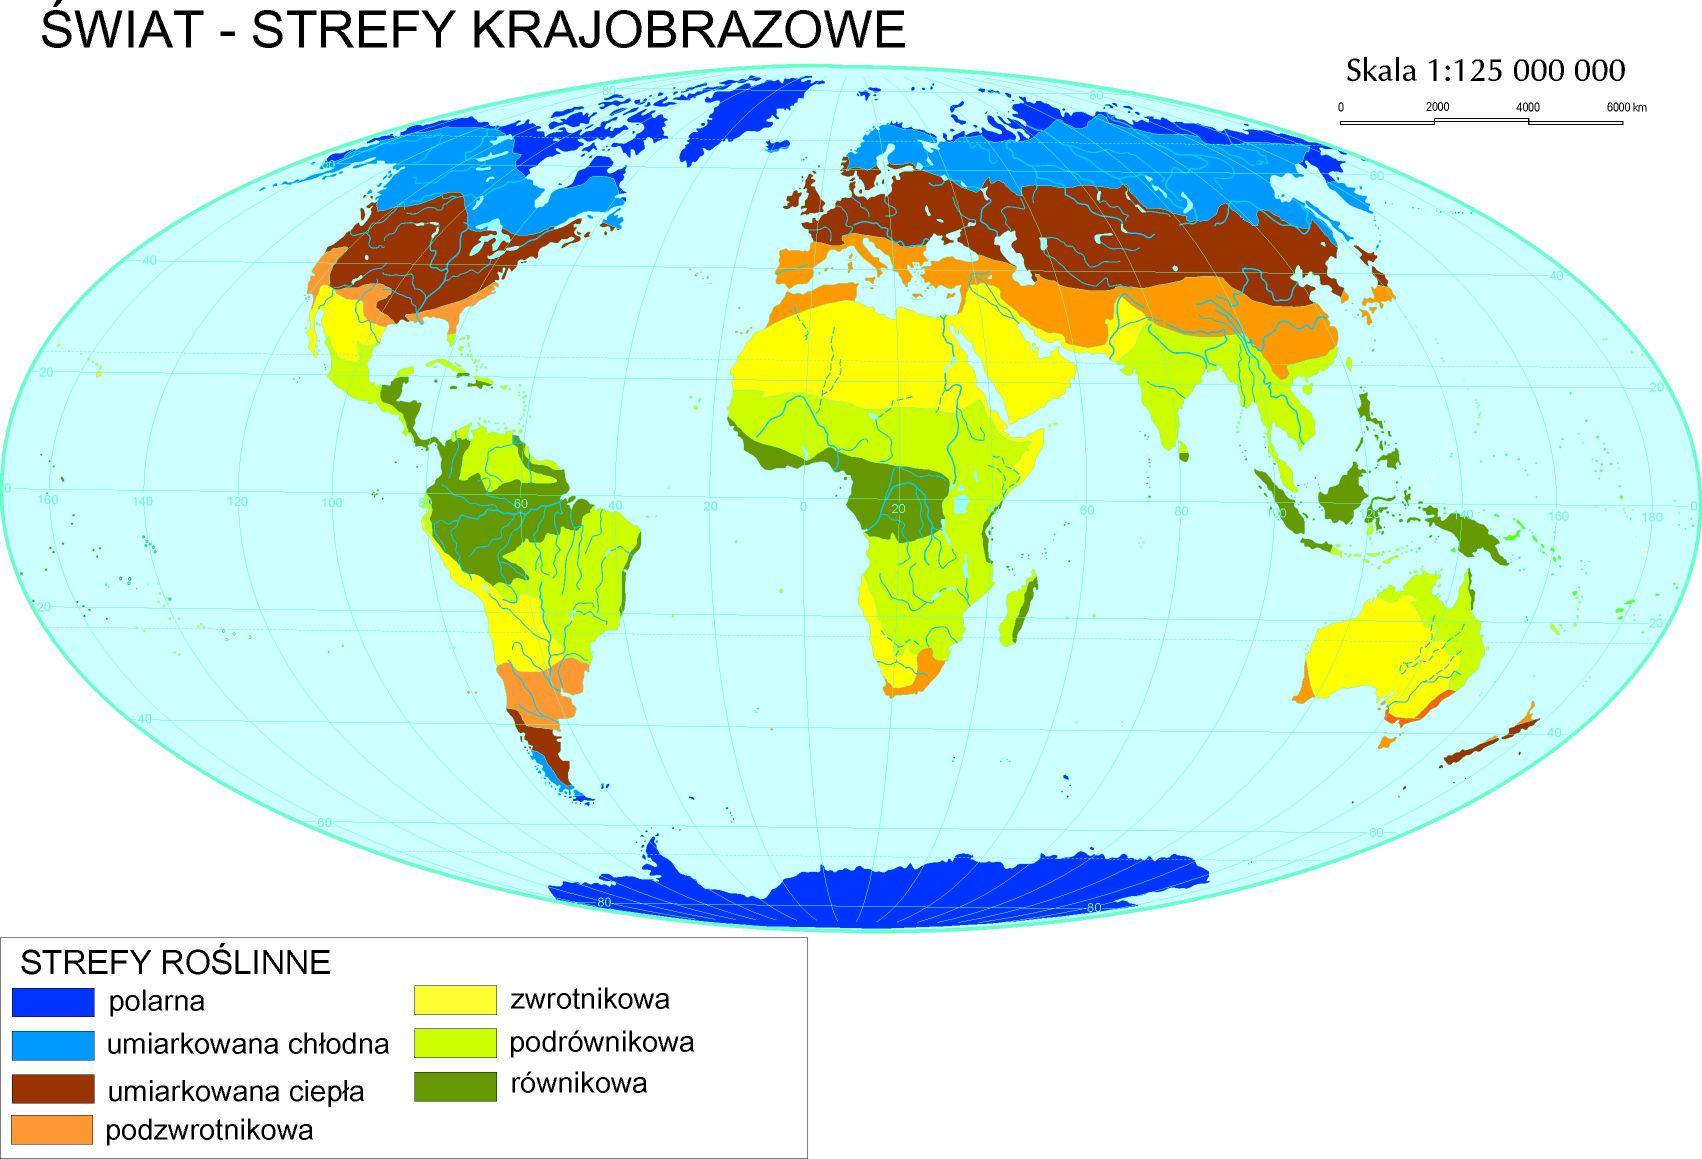 strefy krajobrazowe, źródlohttp://www.geo.uj.edu.pl/zaklady/zgf/dydaktyka/3.jpg: